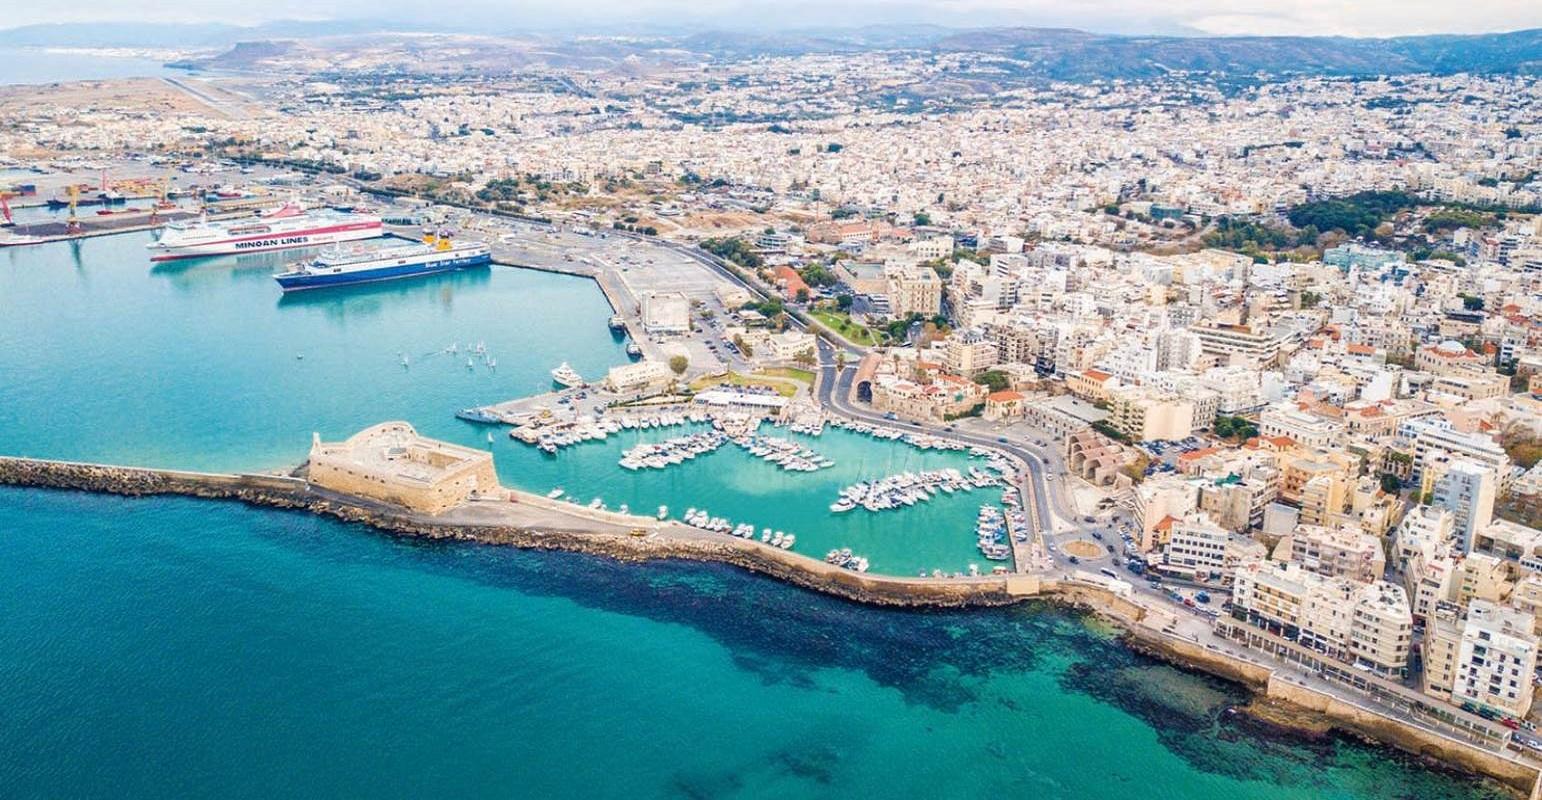 Έκρηξη σε πλοίο στο λιμάνι του Ηρακλείο – Τέσσερις τραυματίες - e-Nautilia.gr   Το Ελληνικό Portal για την Ναυτιλία. Τελευταία νέα, άρθρα, Οπτικοακουστικό Υλικό